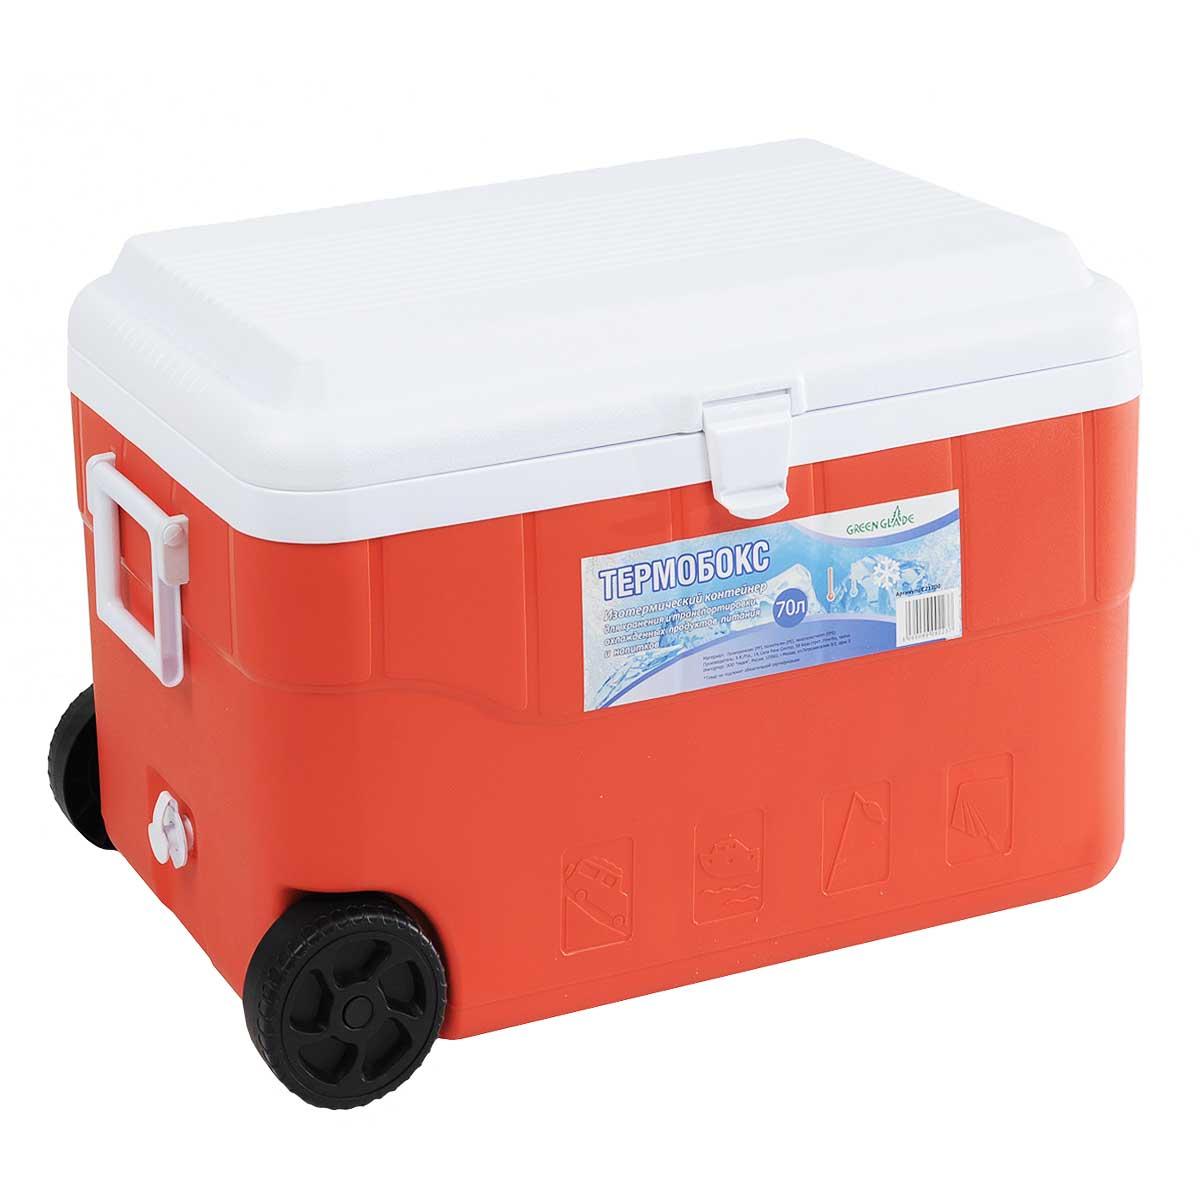 Контейнер изотермический Green Glade, на колесиках, цвет: красный, 70 лС21700Удобный и прочный изотермический контейнер Green Glade предназначен для сохранения определенной температуры продуктов во время длительных поездок. Корпус и крышка контейнера изготовлены из высококачественного пластика. Между двойными стенками находится термоизоляционный слой, который обеспечивает сохранение температуры. У контейнера одно большое вместительное отделение. Крышка закрывается плотно на замок-защелку. У контейнера имеются два колеса и большая ручка для более удобной транспортировки. Также имеются две боковые ручки для переноски. В нижней части контейнера имеется заглушка, которая поможет слить воду при постепенном размораживании продуктов. При использовании аккумулятора холода контейнер обеспечивает сохранение продуктов холодными 12-14 часов. Контейнер такого размера идеально подойдет для пикника или для поездки на дачу, или просто для длительной поездки. Контейнеры Green...